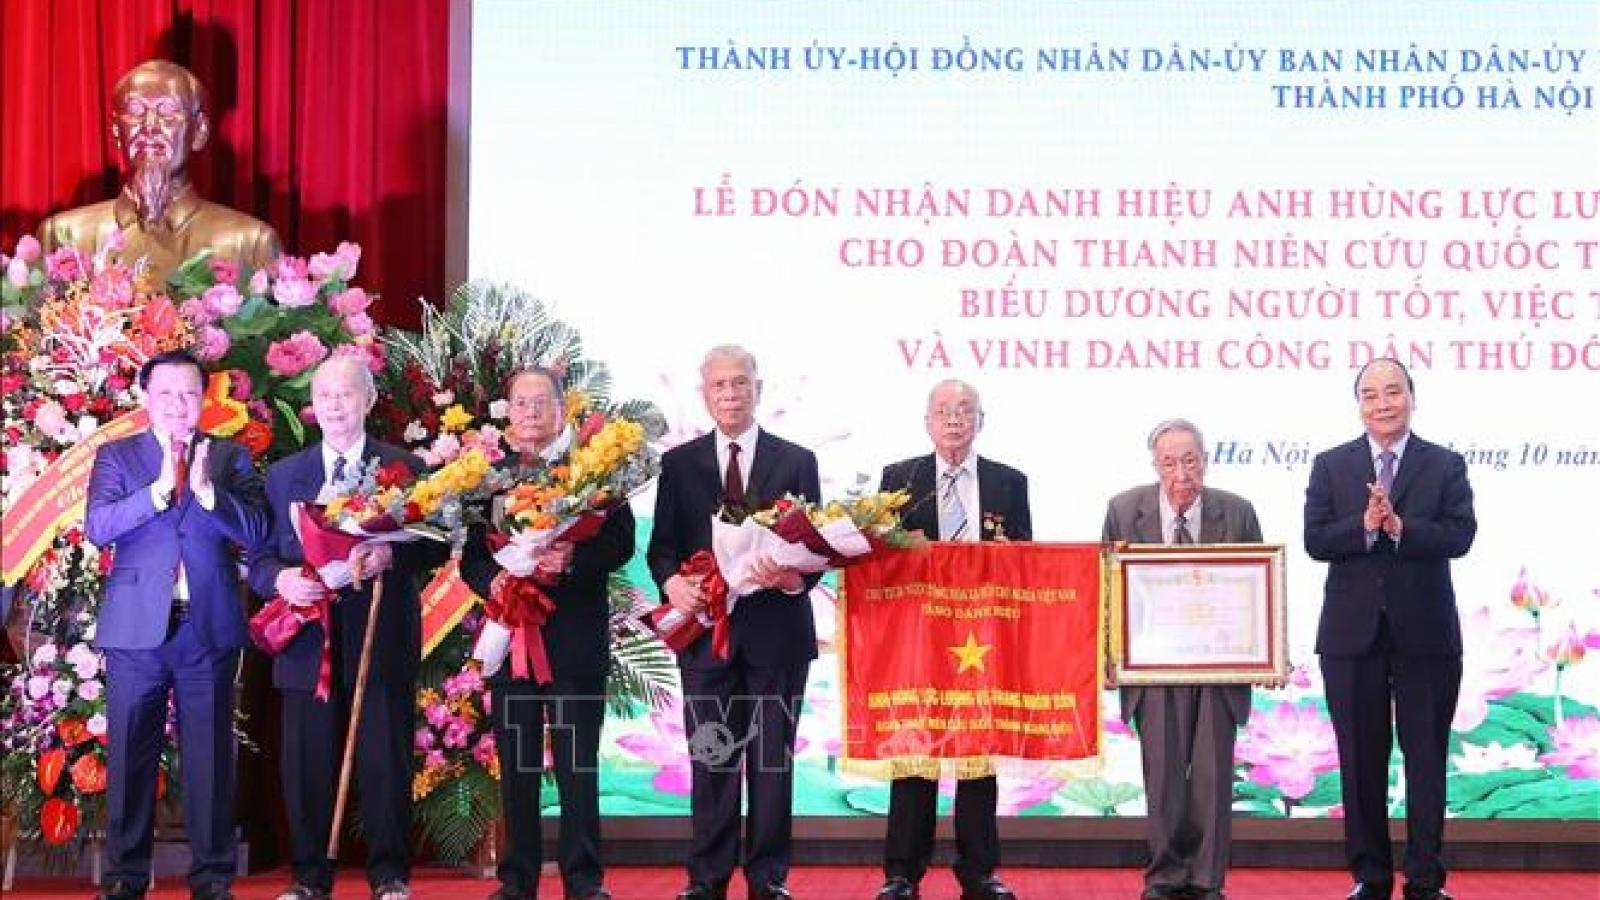 Đoàn Thanh niên cứu quốc thành Hoàng Diệu đón nhận danh hiệu Anh hùng